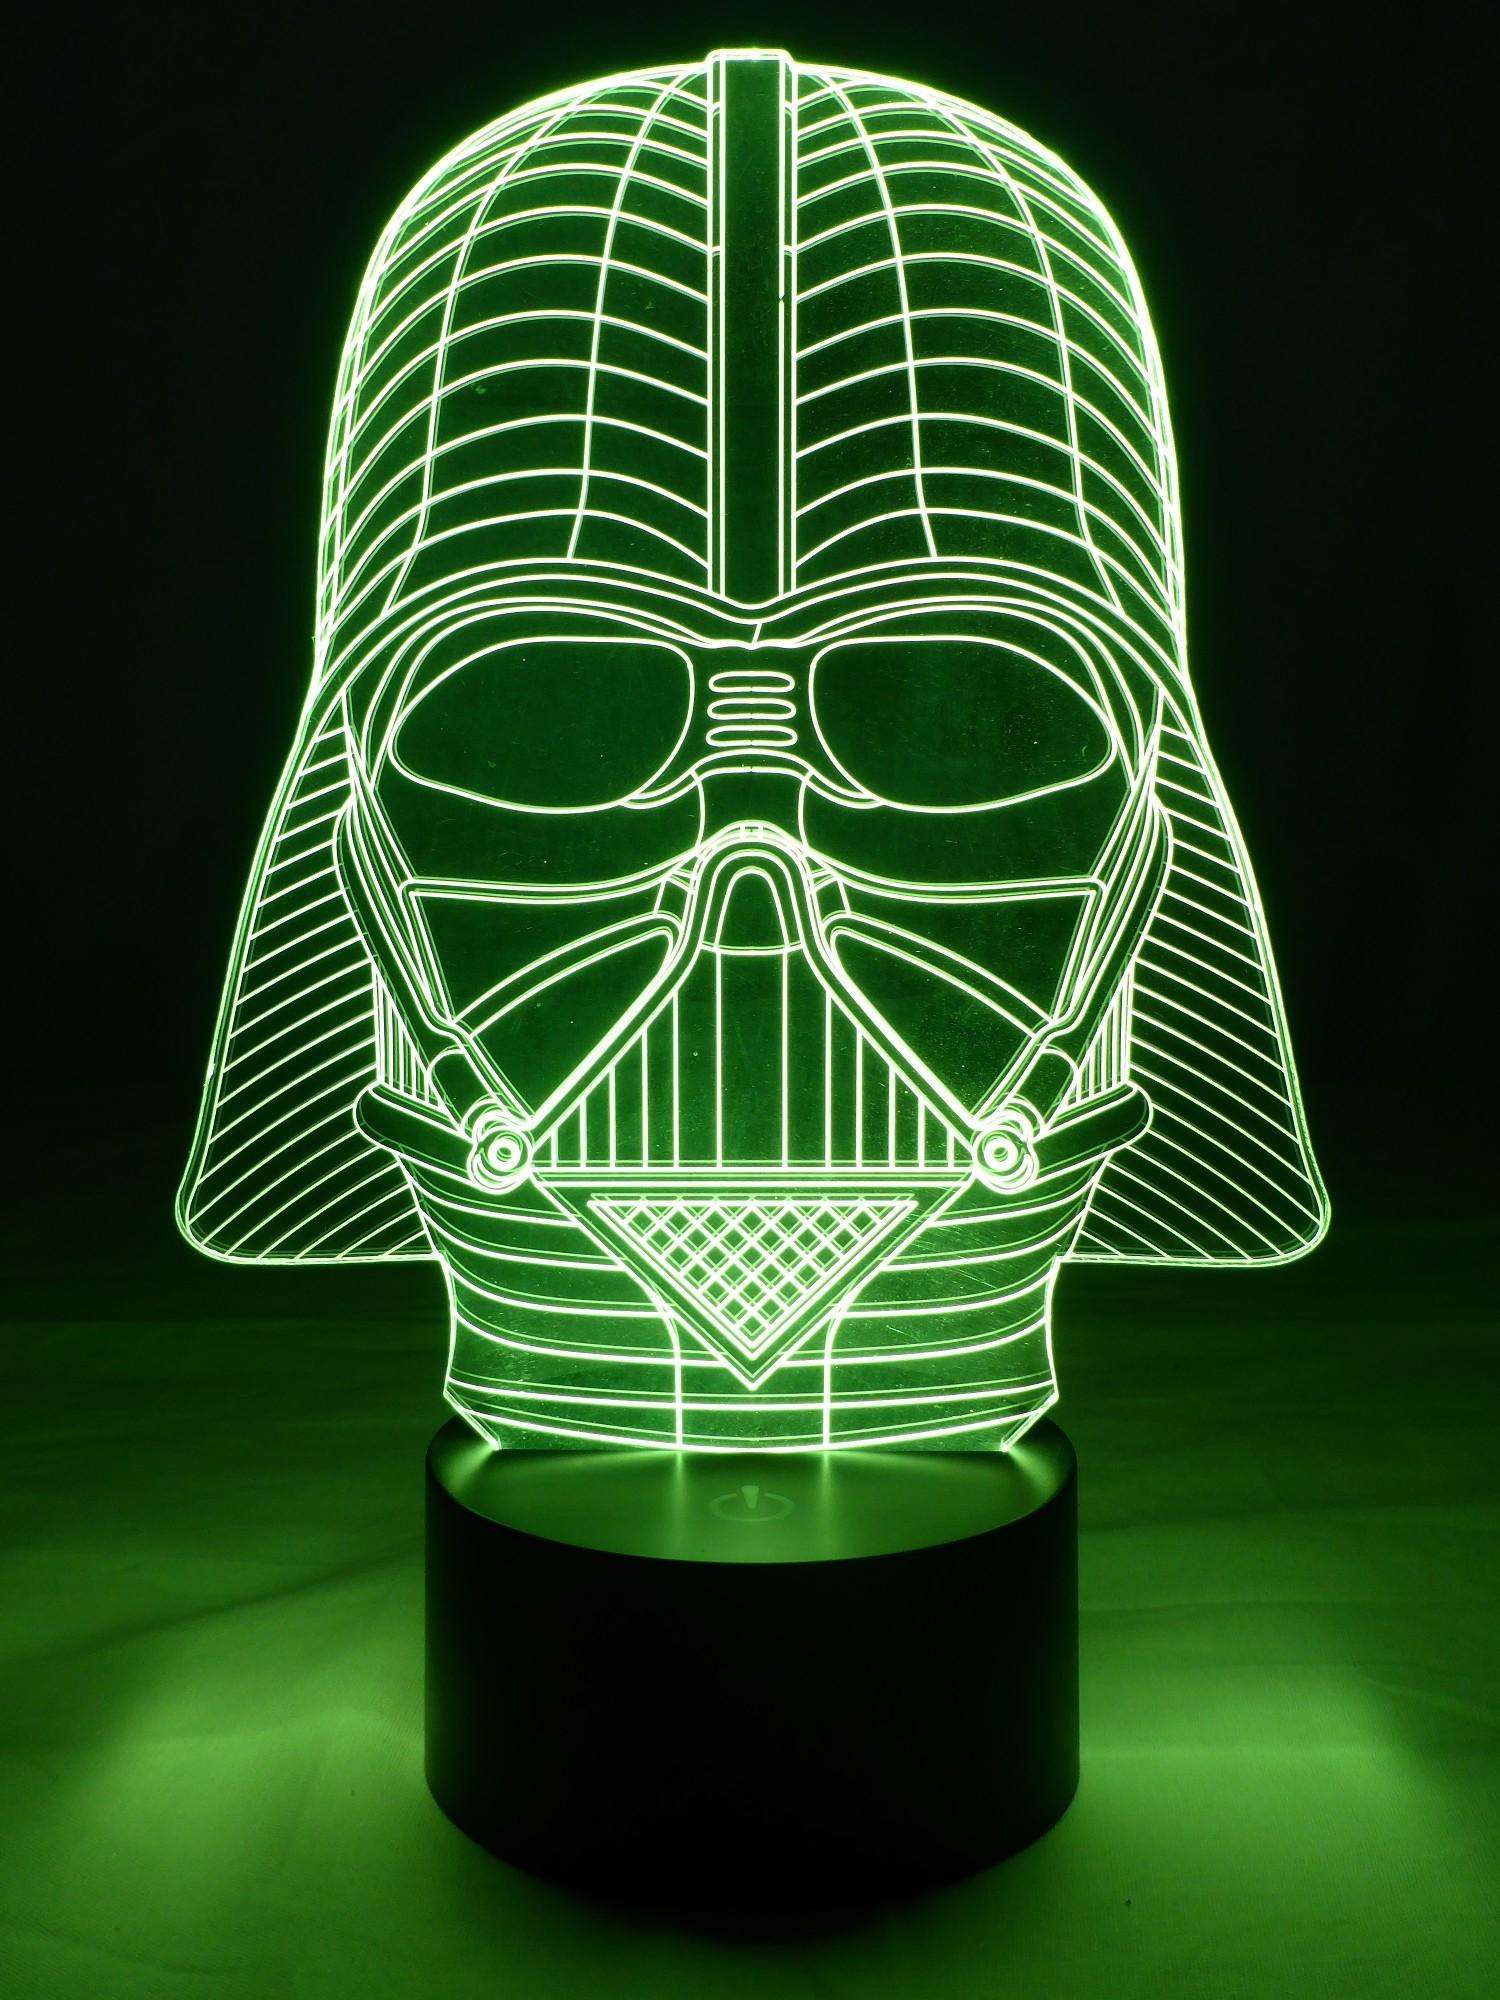 originelle 3d led lampe darth vader intergalaktische tischlampe im wohnzimmer. Black Bedroom Furniture Sets. Home Design Ideas